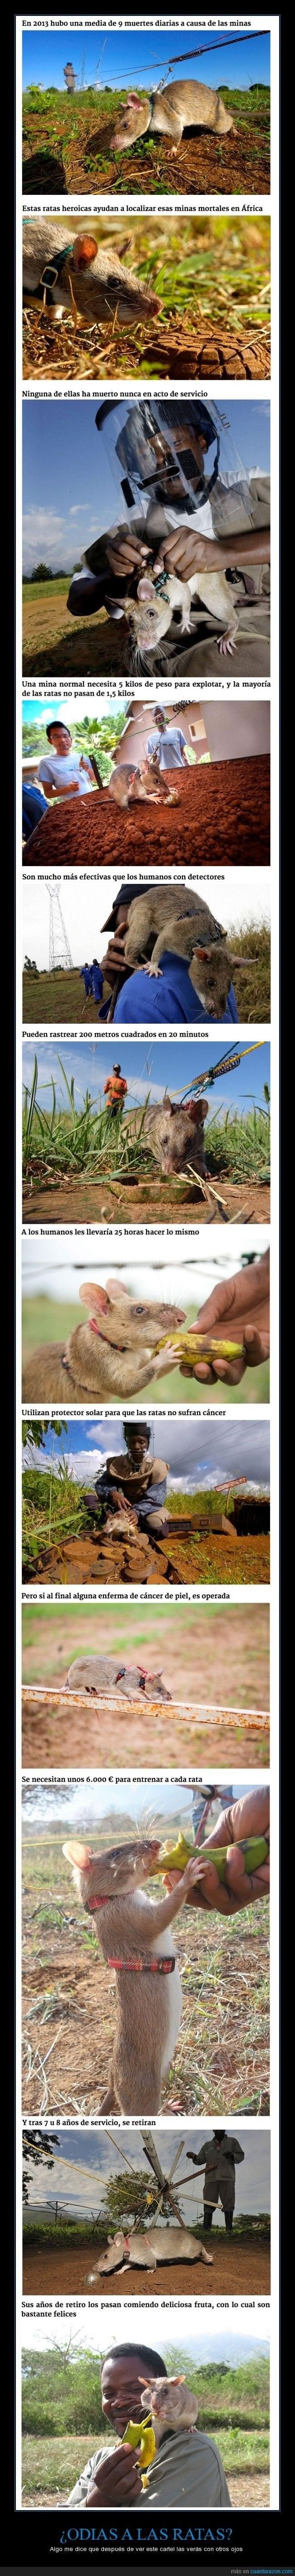 curiosidades sobre los usos de las ratas en otros paises